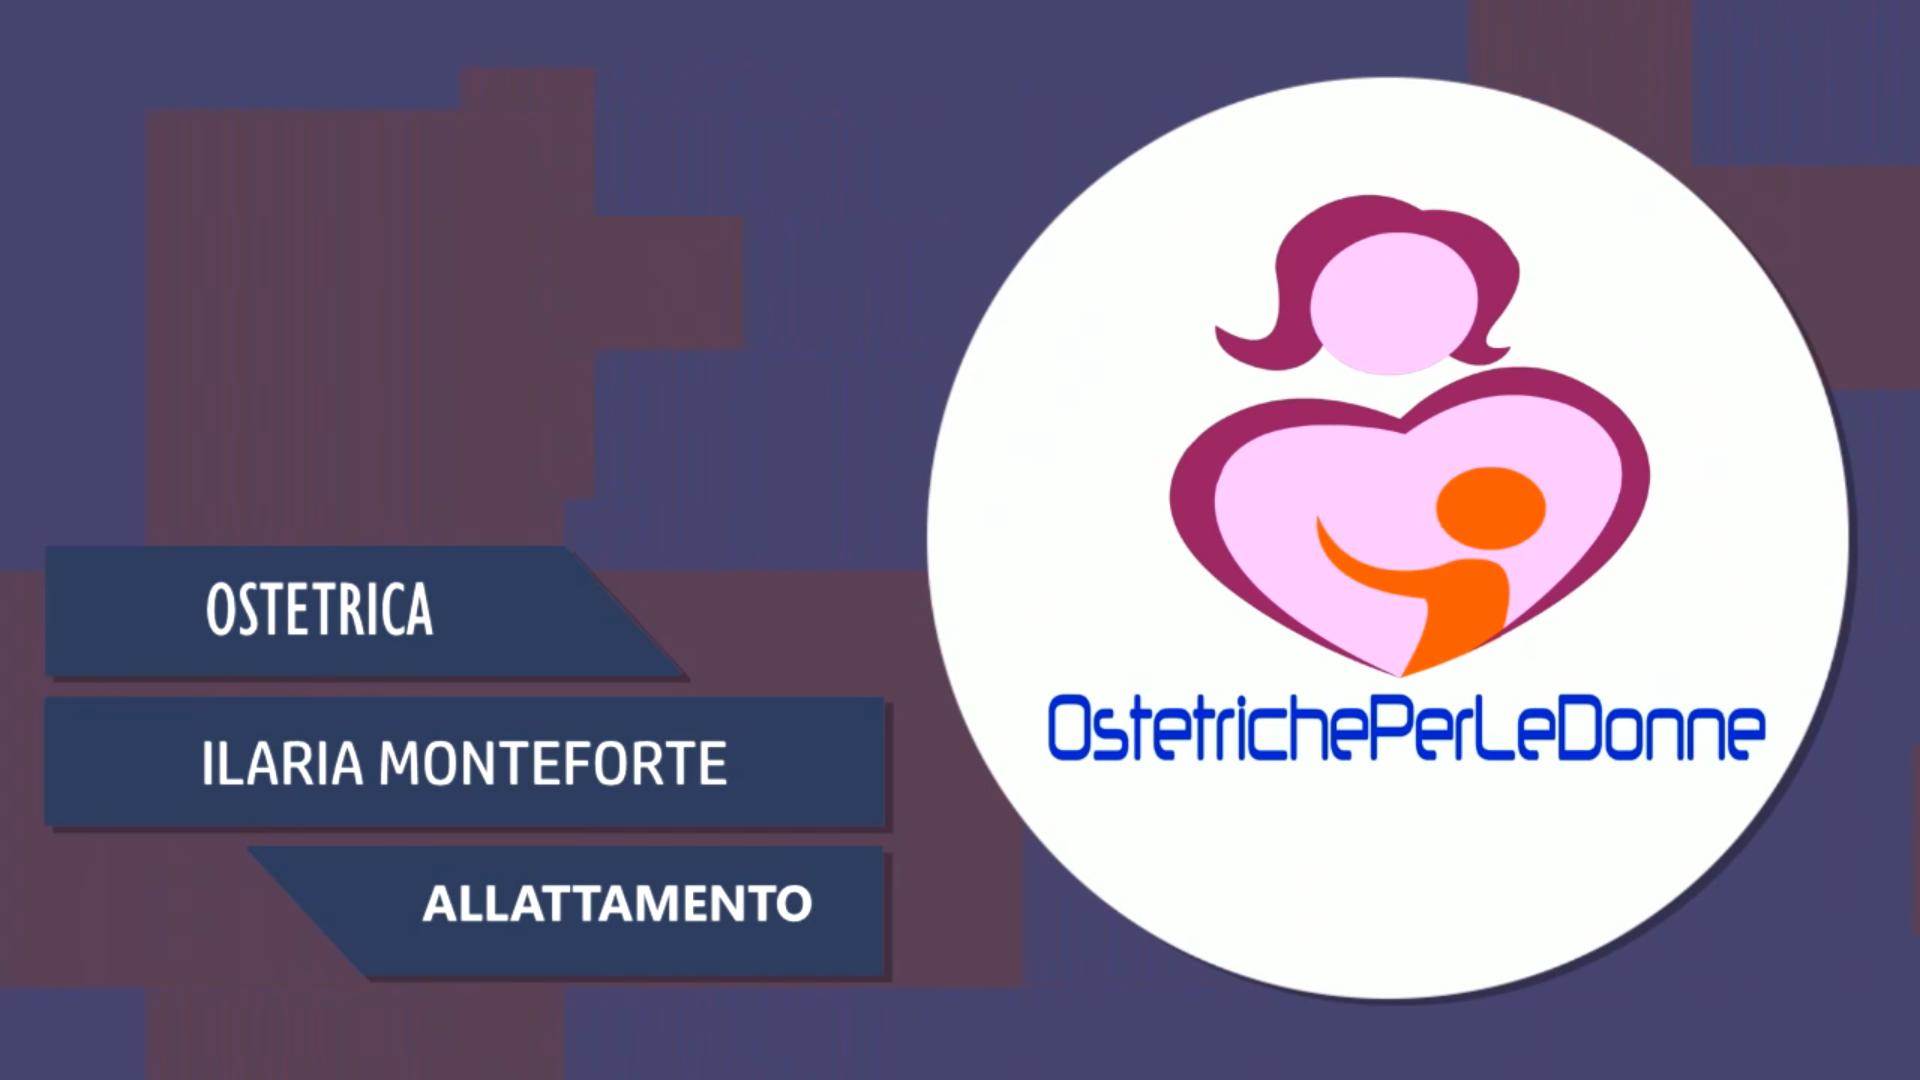 Intervista alla Dott.ssa Ilaria Monteforte – Allattamento